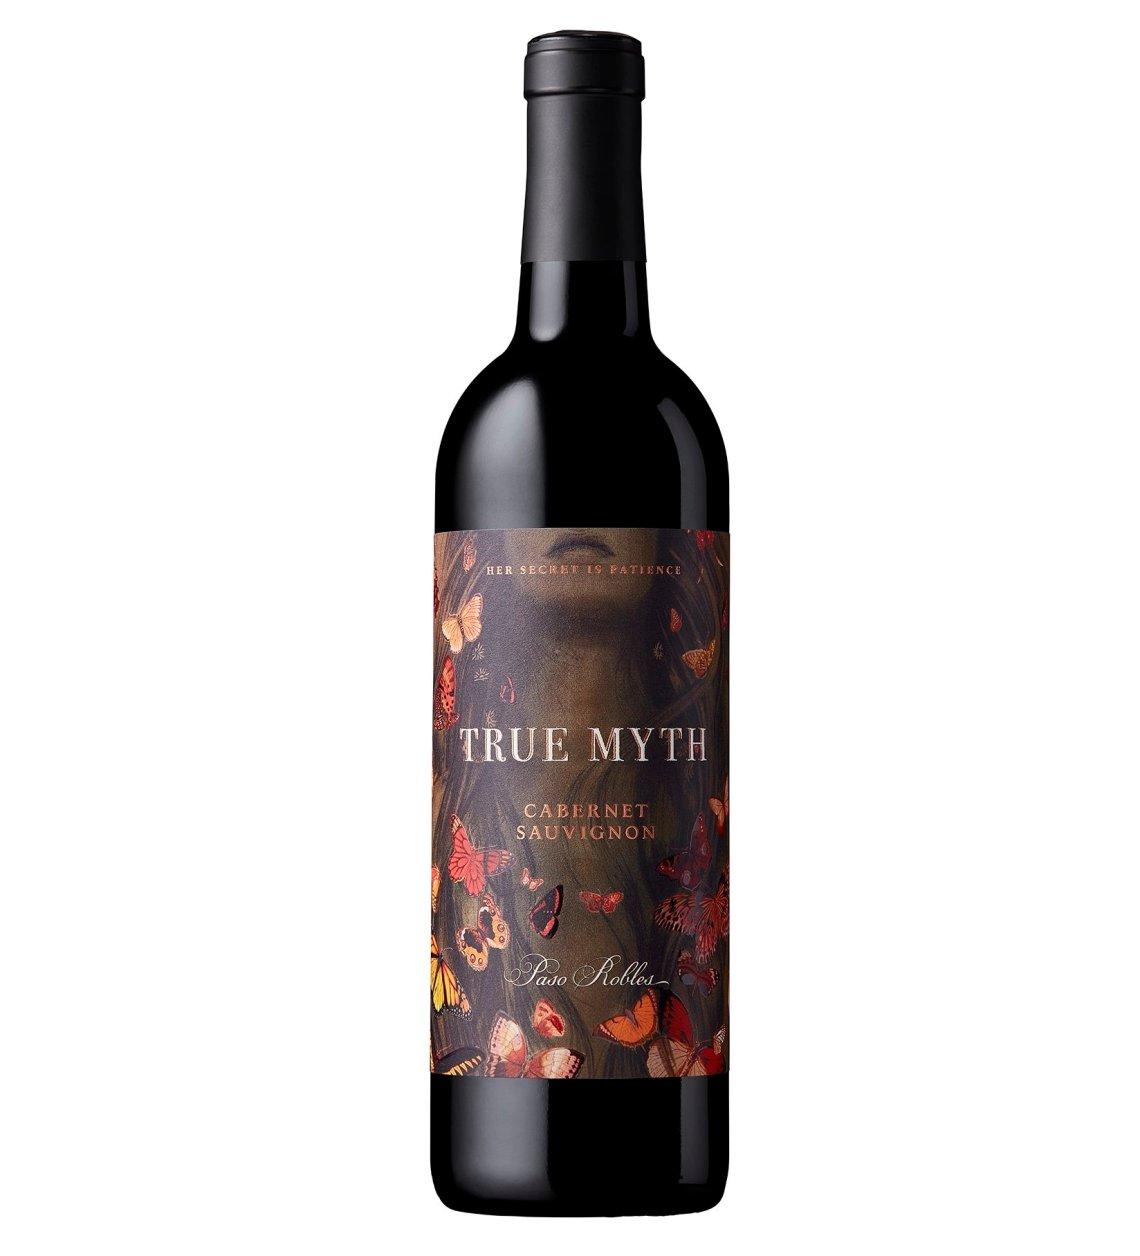 2016 True Myth Cabernet Sauvignon Paso Robles